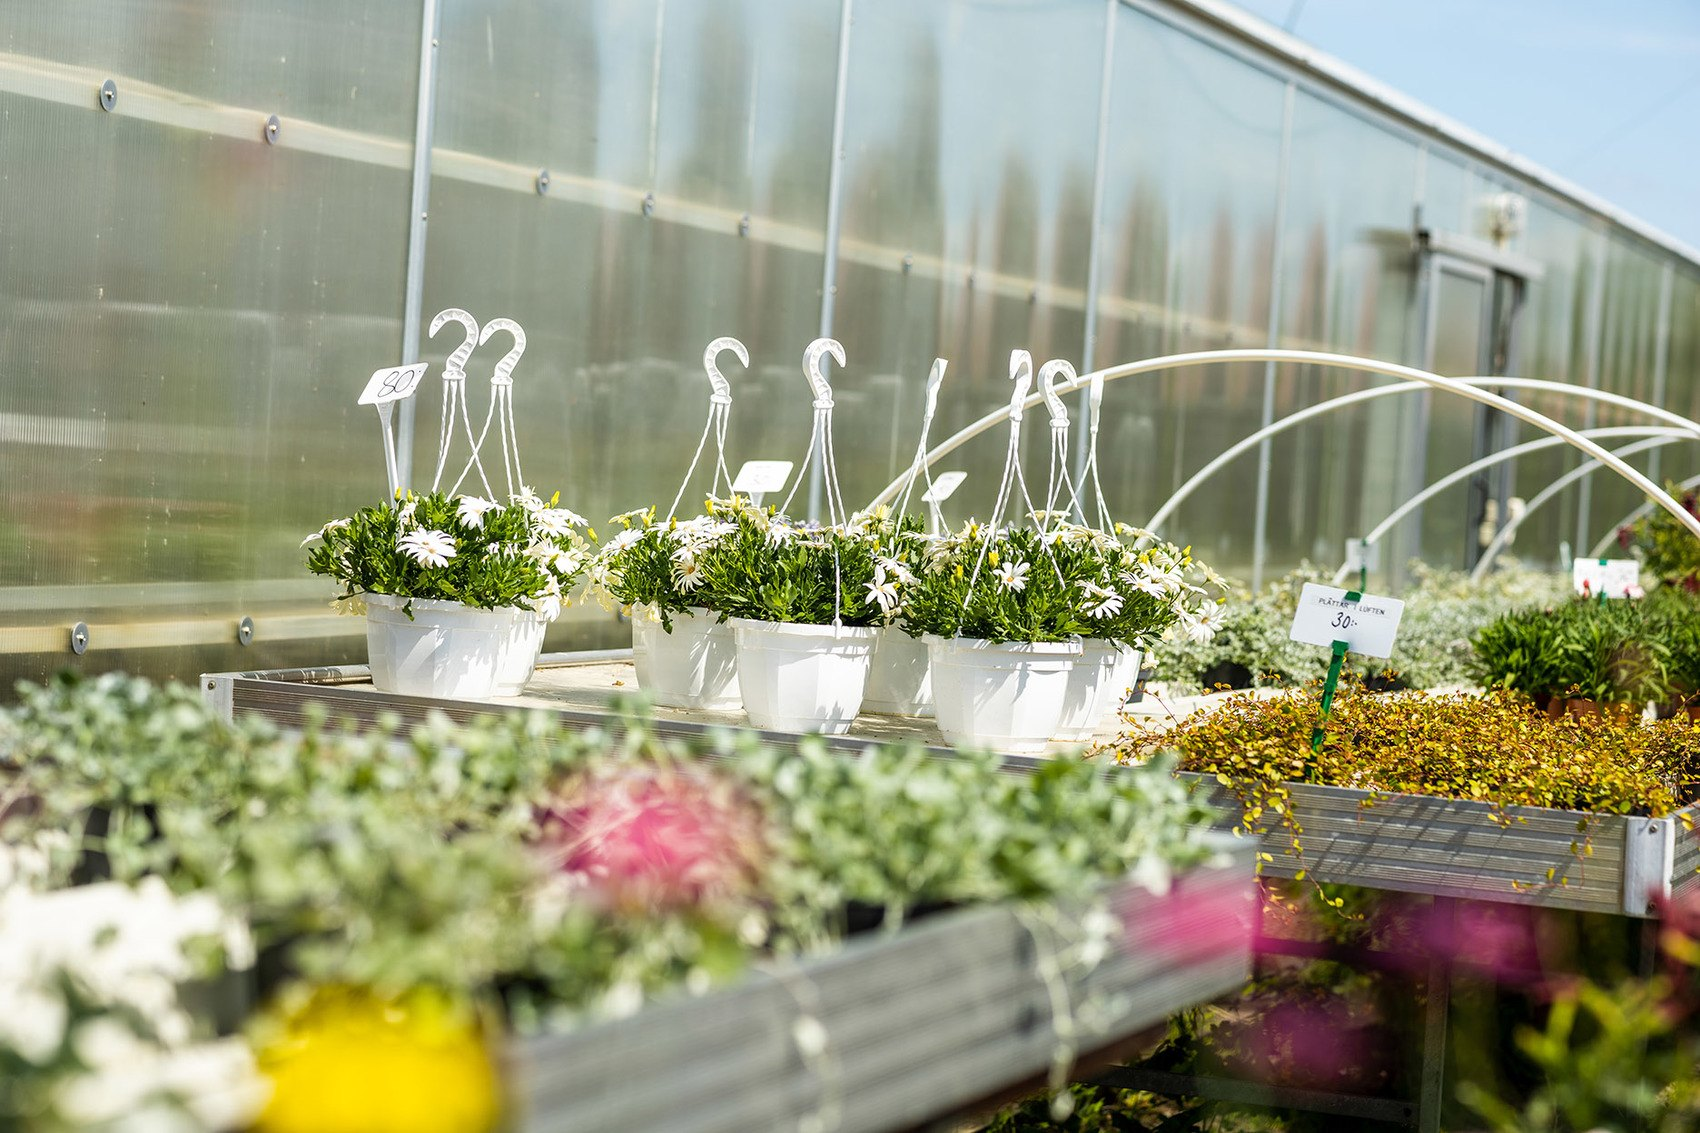 Foto på massor av blommor, dels amplar med vita blommor men även rosa och gröna växter skymtar på bänken